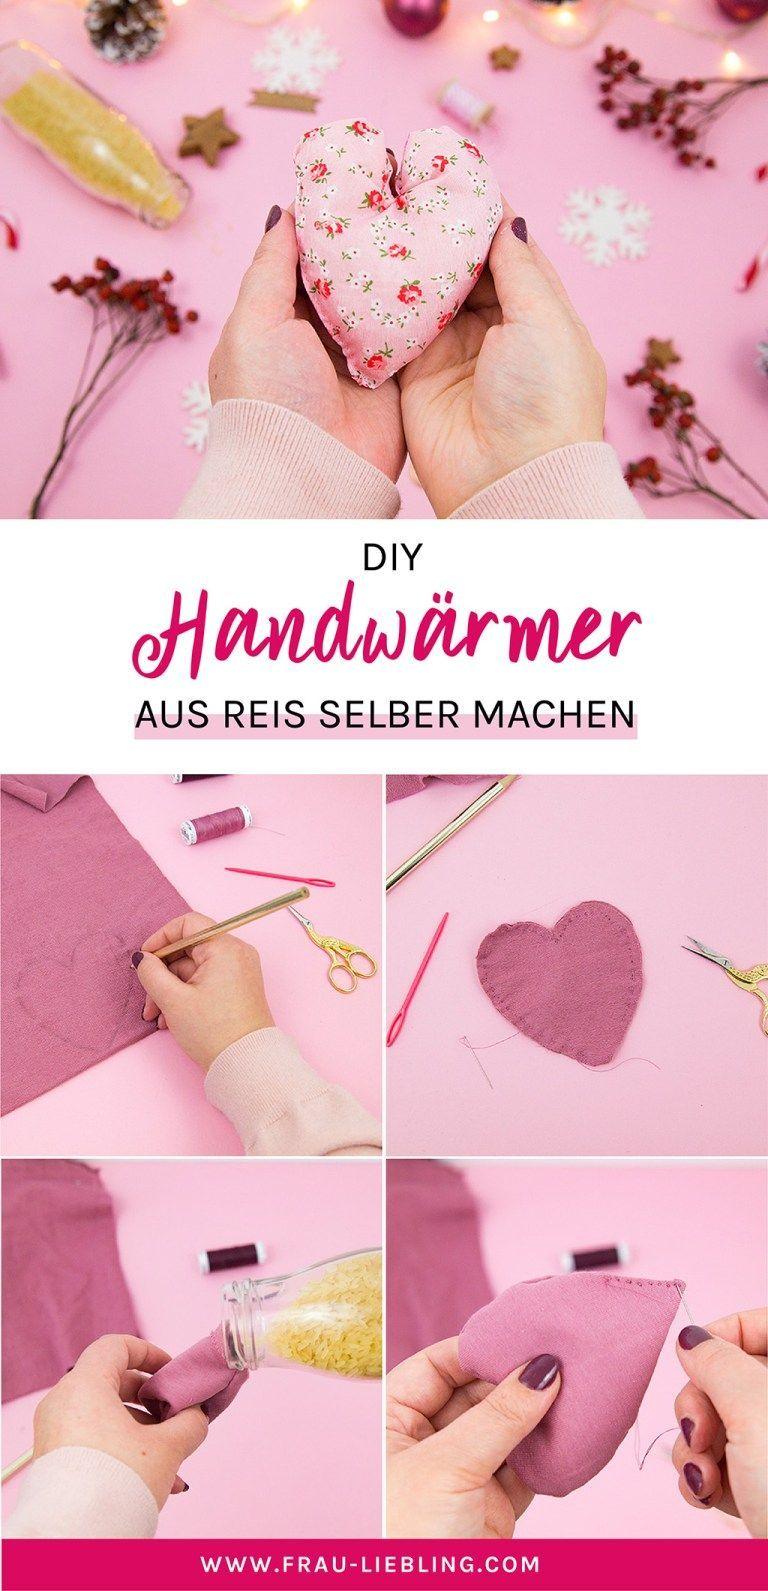 DIY Handwärmer selber machen – Nie mehr kalte Hände - My Blog #nikolausgeschenkeselbermachen